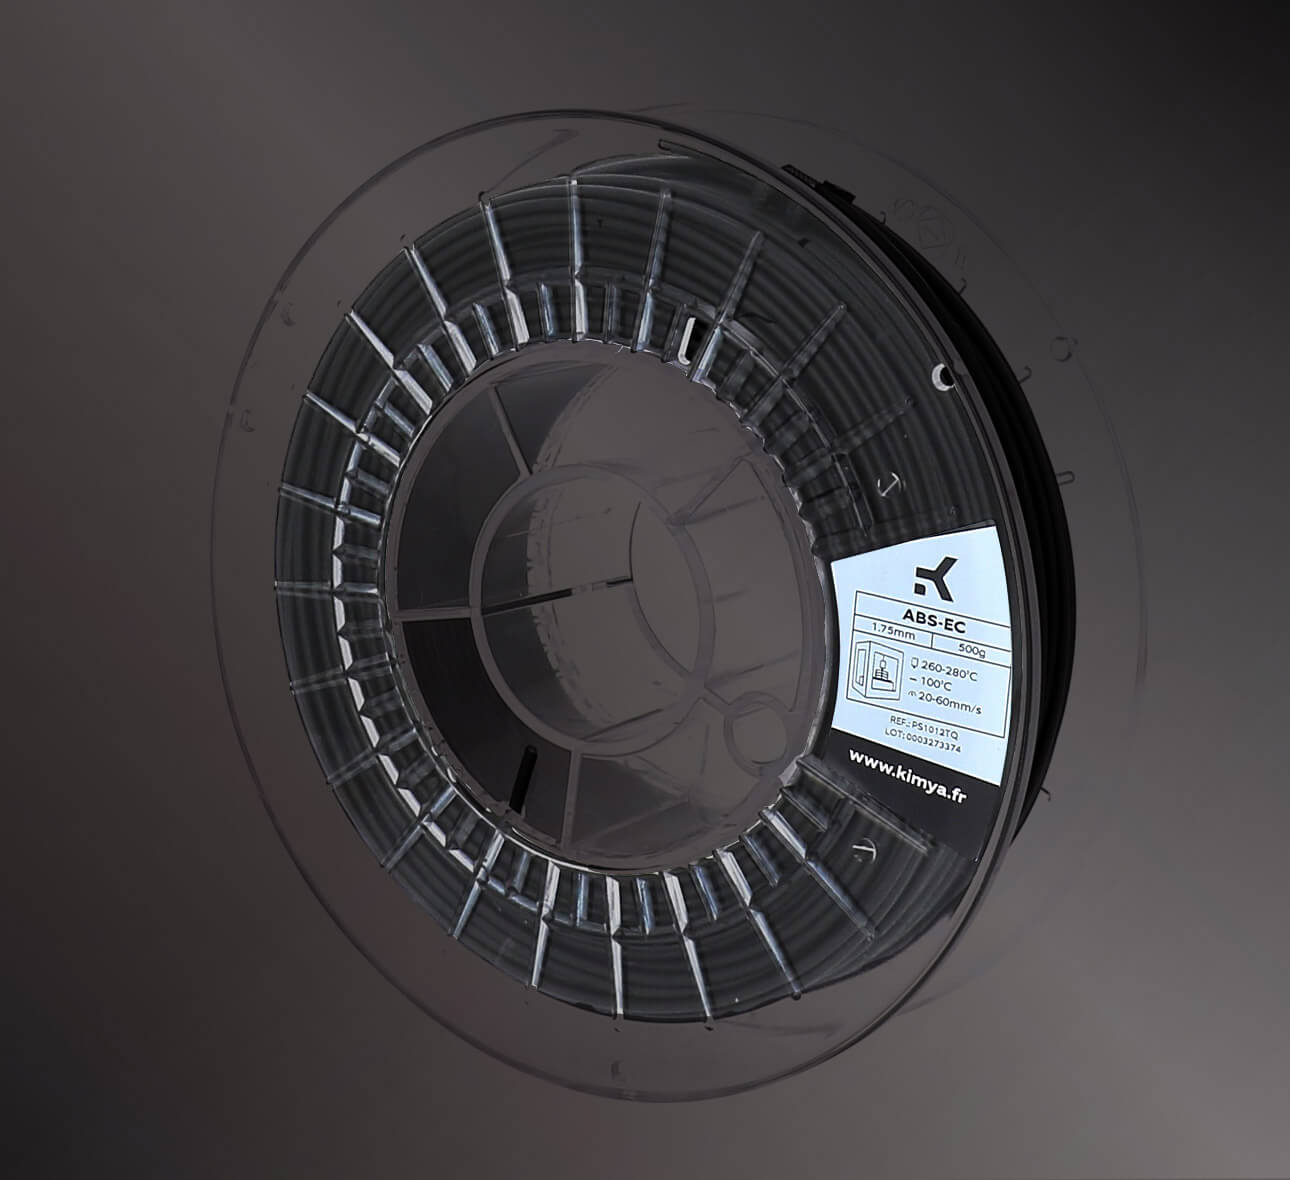 Kimya ABS EC Material de impresión 3D